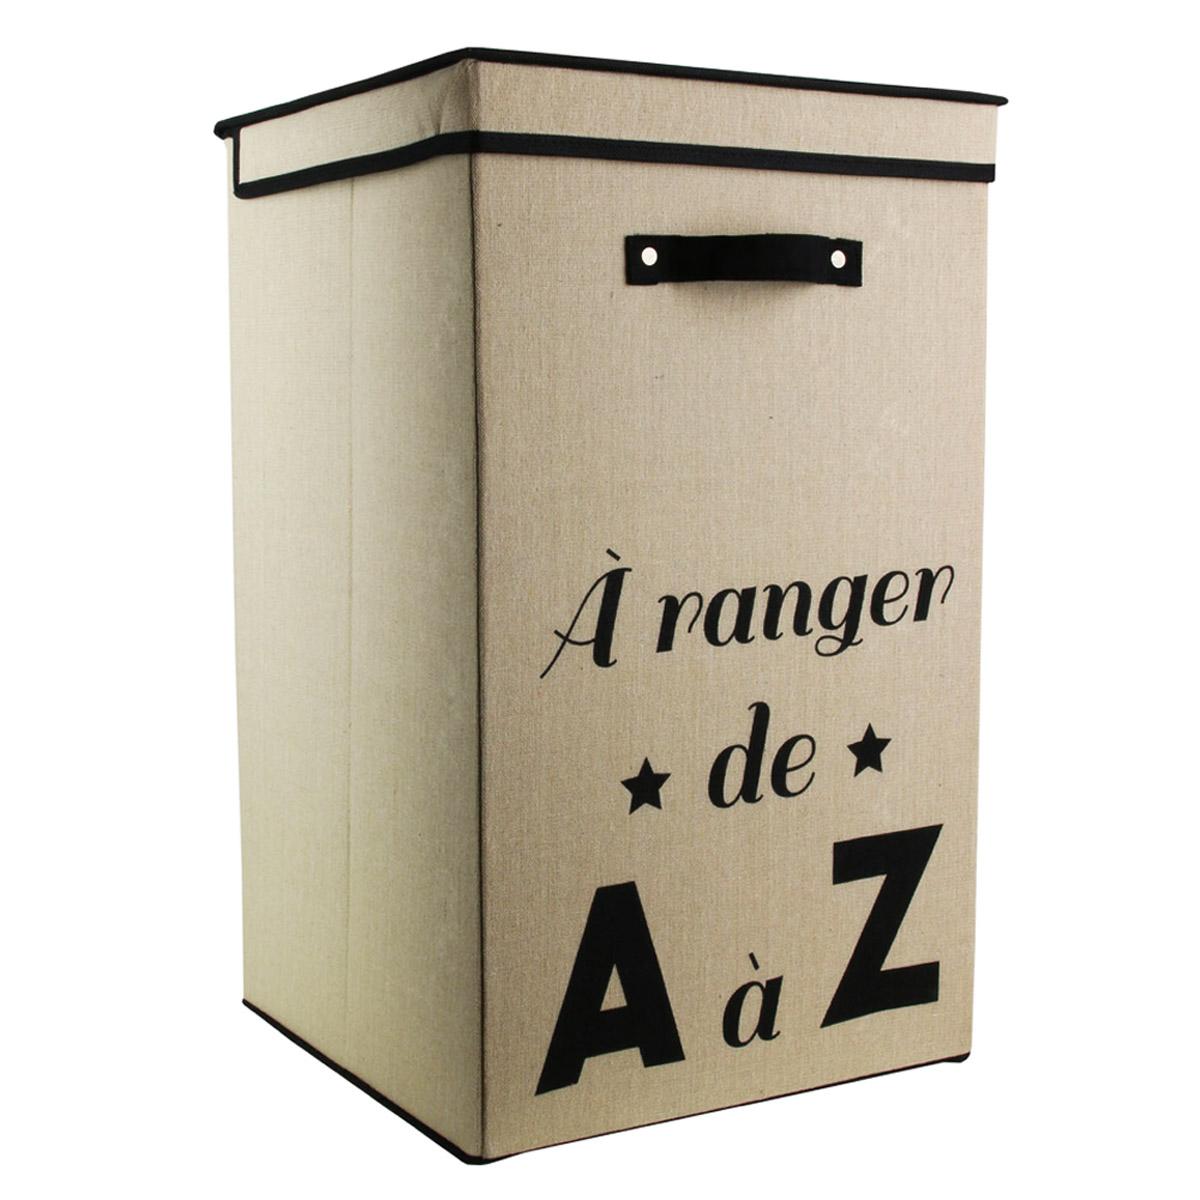 Bac à linge coton \'Messages\' beige (A ranger de A à Z) - 58x35x35 cm (70L) - [R2471]